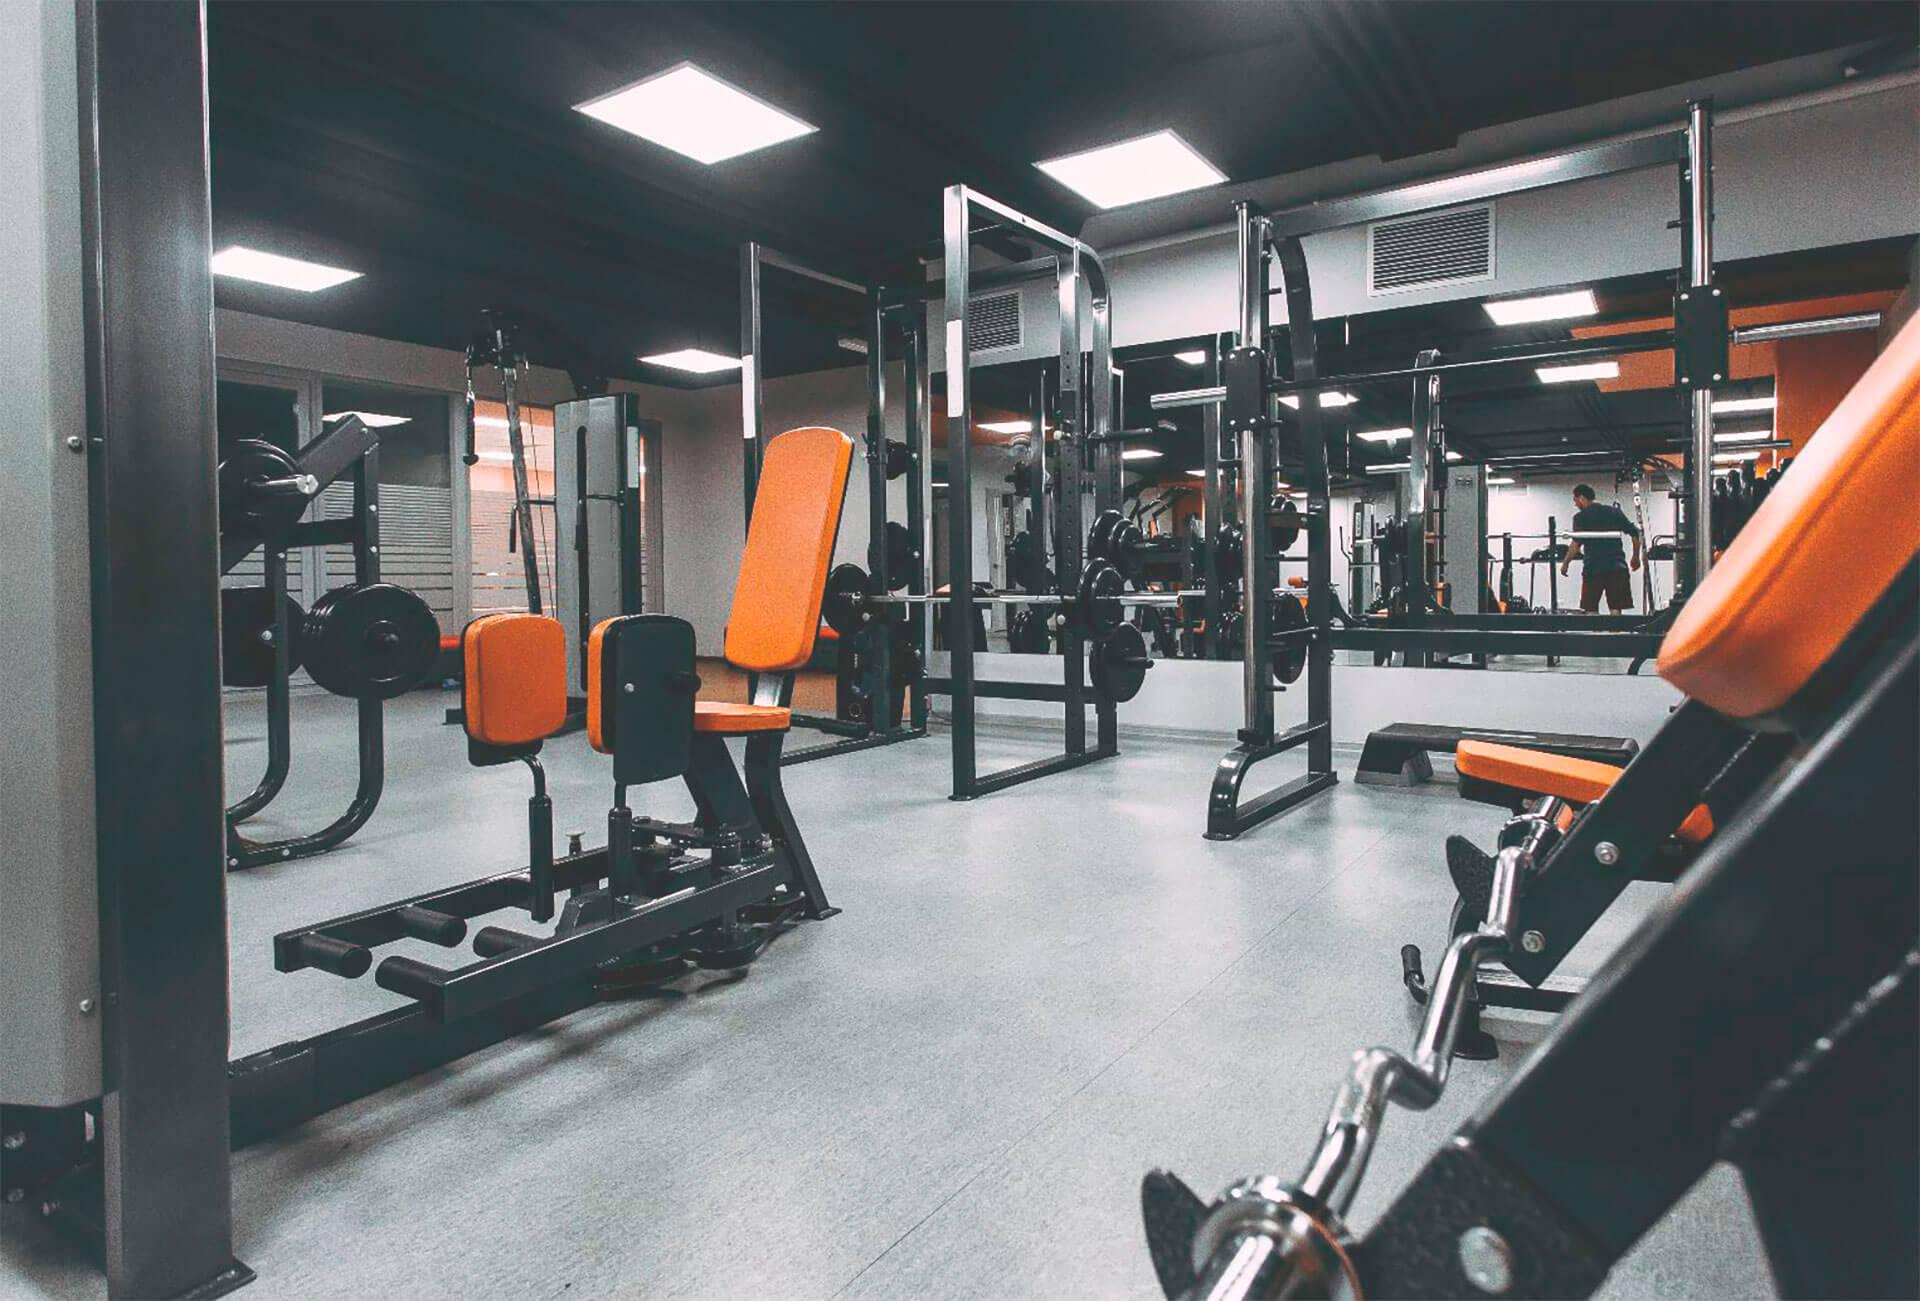 Club-Gym - интернет-магазин профессиональных тренажеров и оборудования для  спортзалов 21f95c70bcc